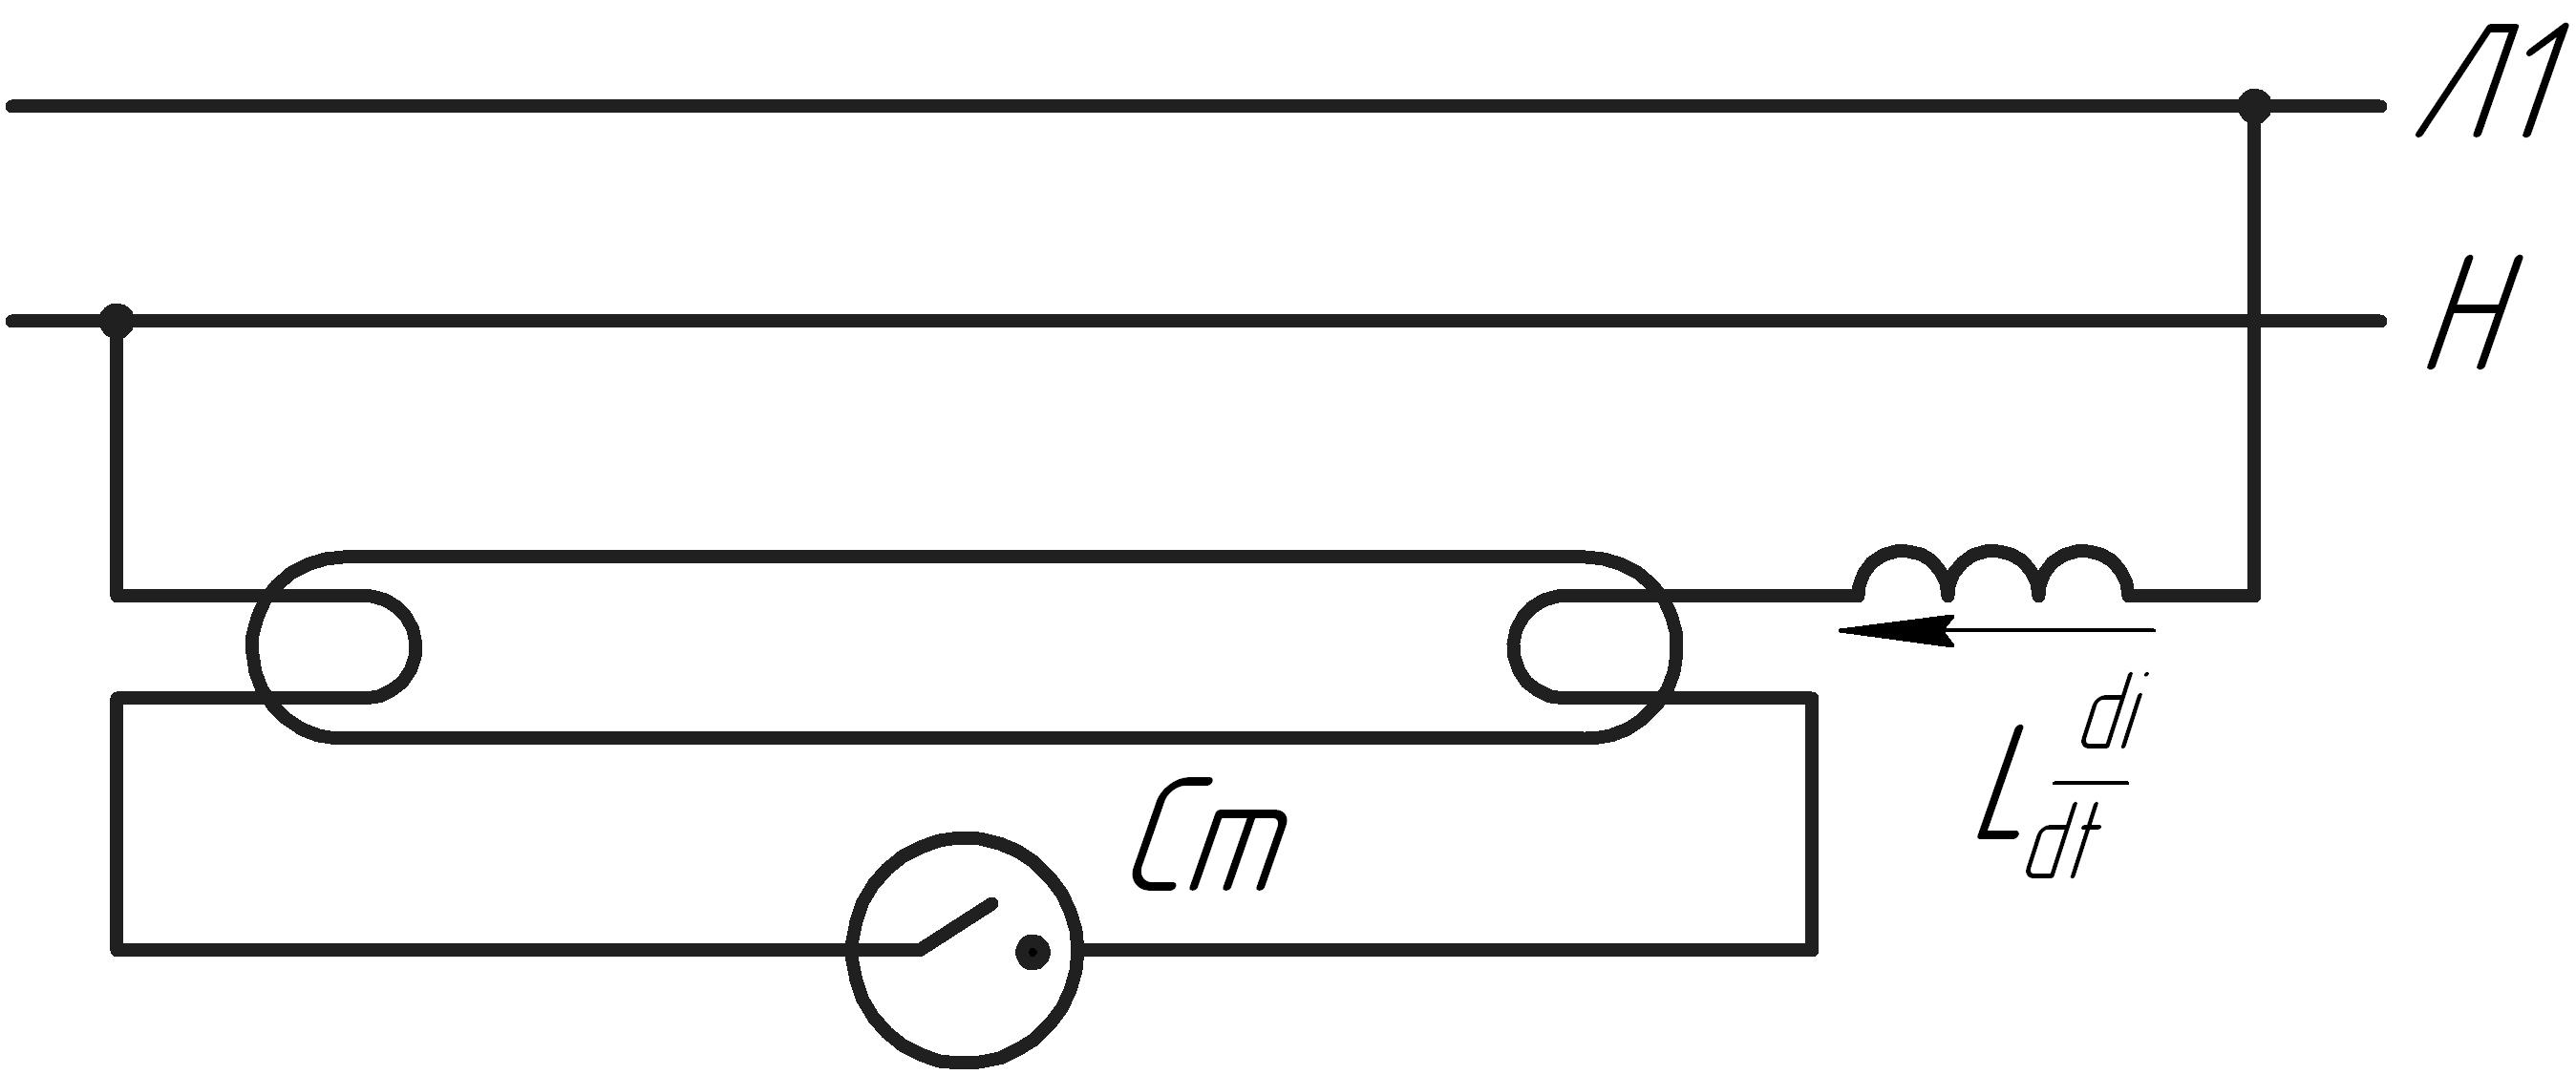 Широкополосная помеха схема